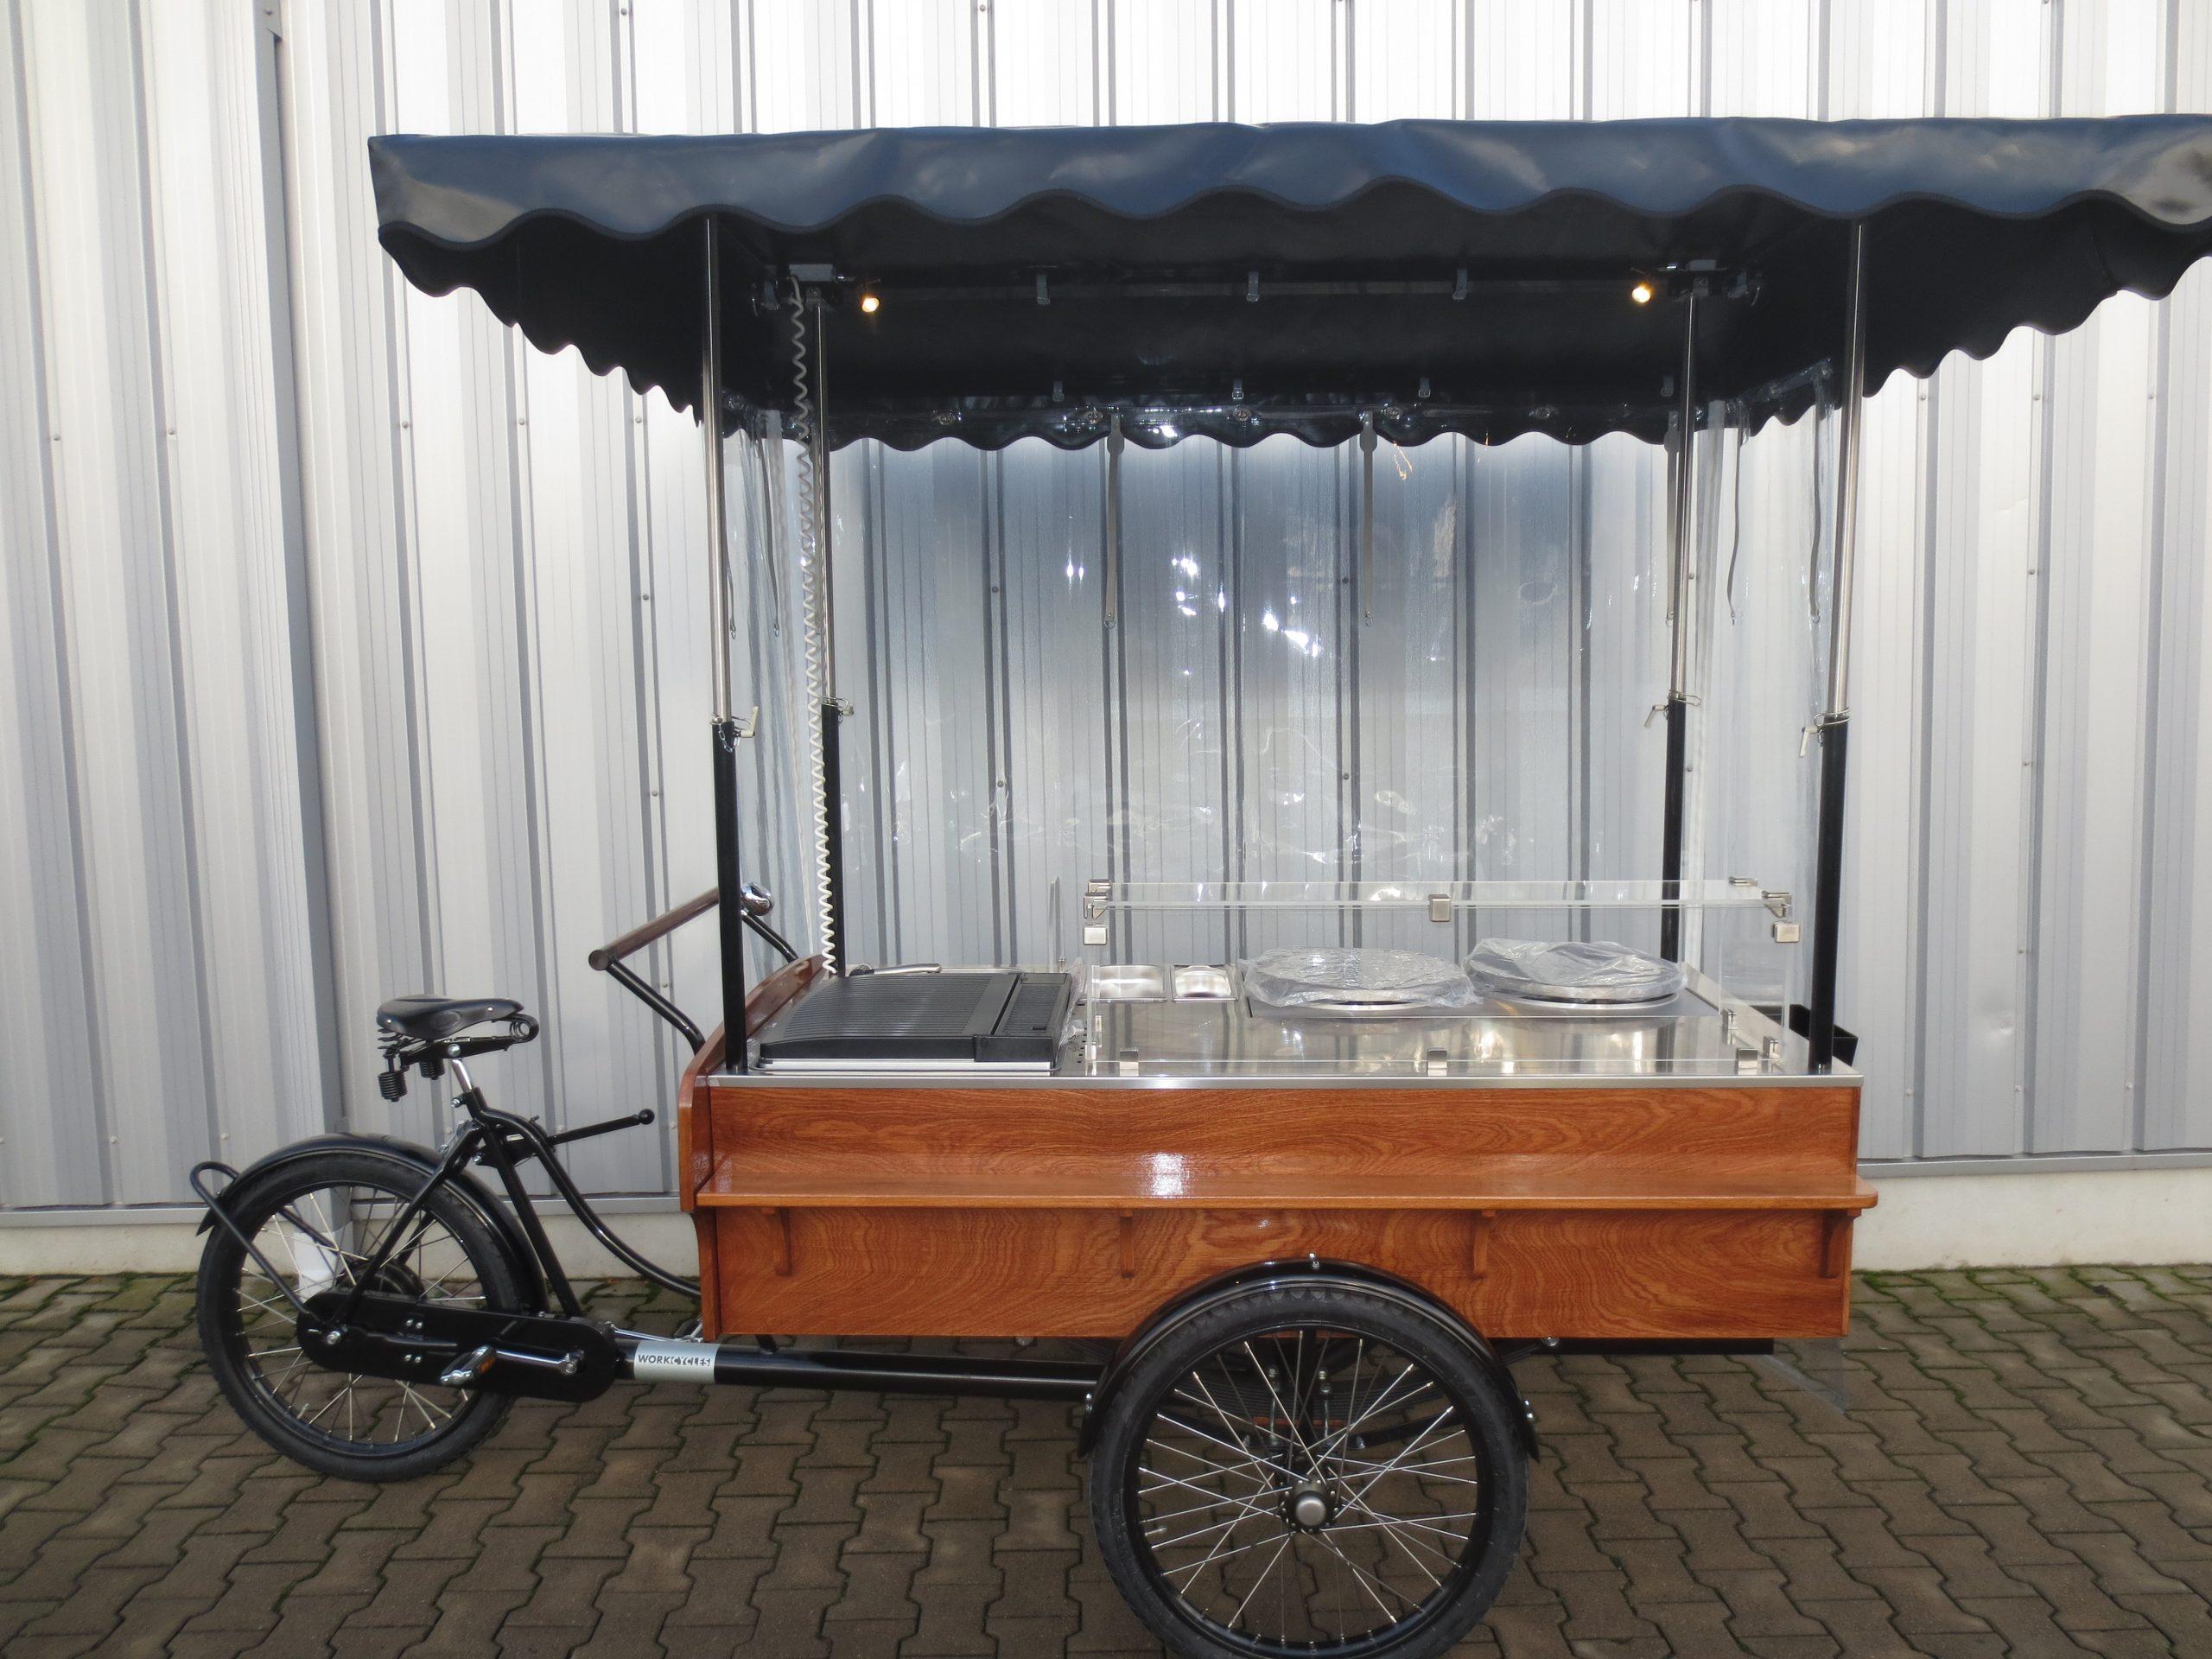 grillfahrrad, Verkaufsfahrrad, crepesfahrrad, grillbike, foodbike, food-bike.